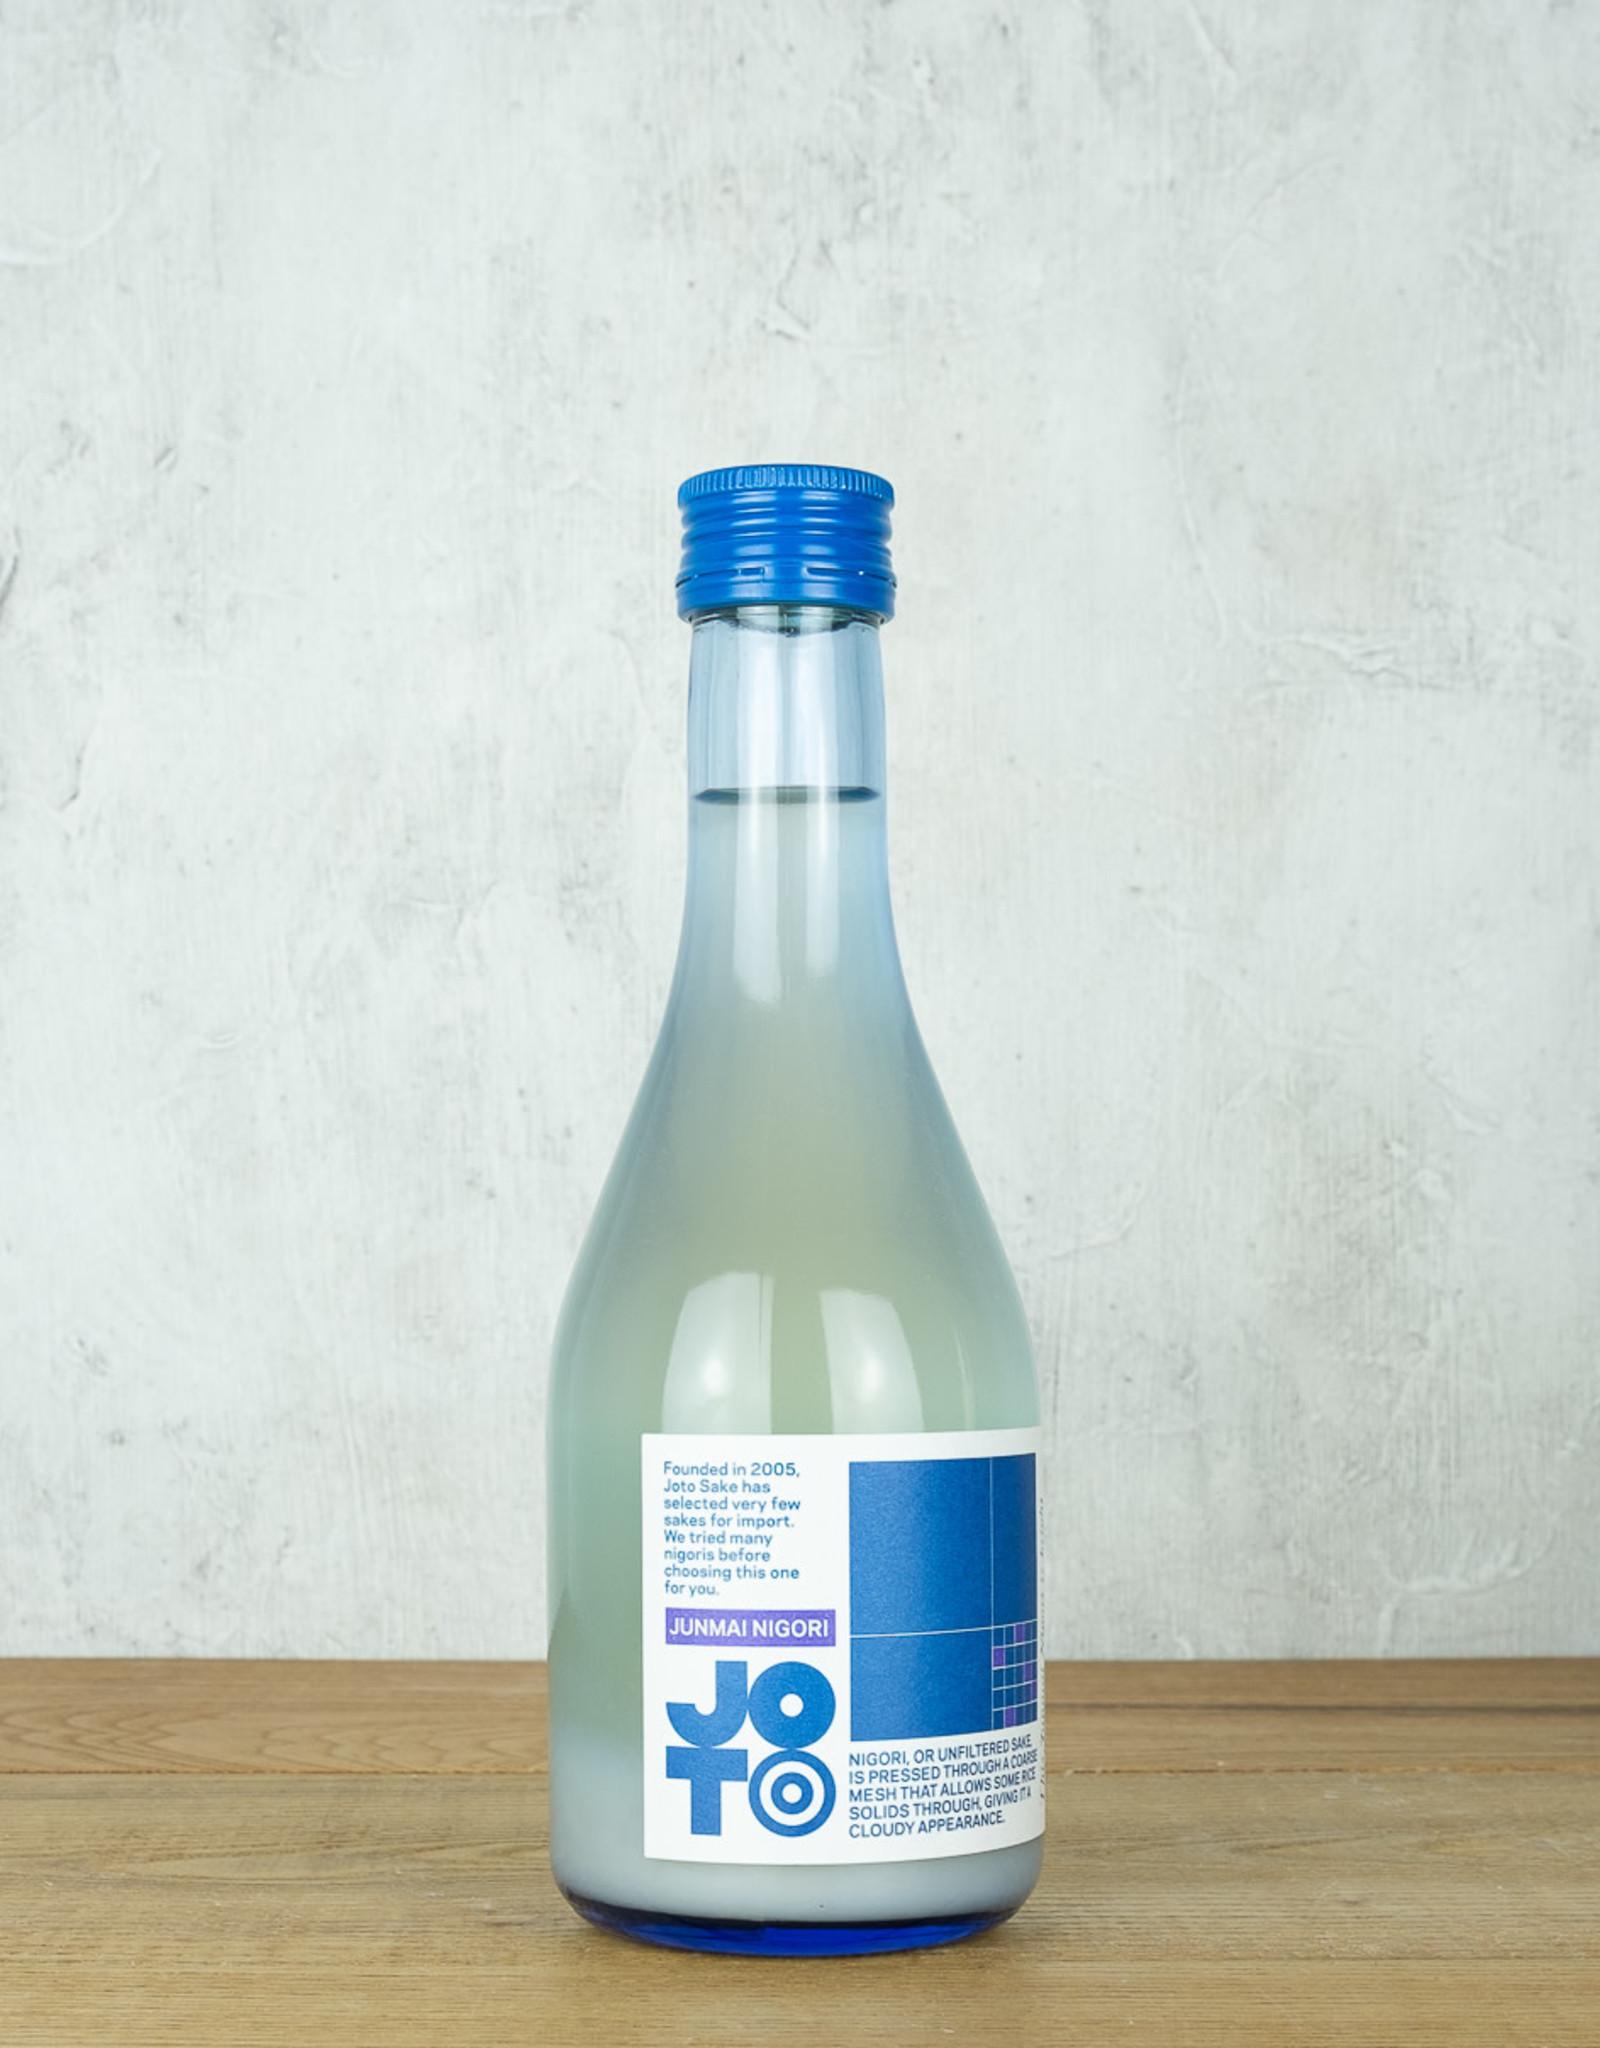 Joto Junmai Nigori Sake 300ml